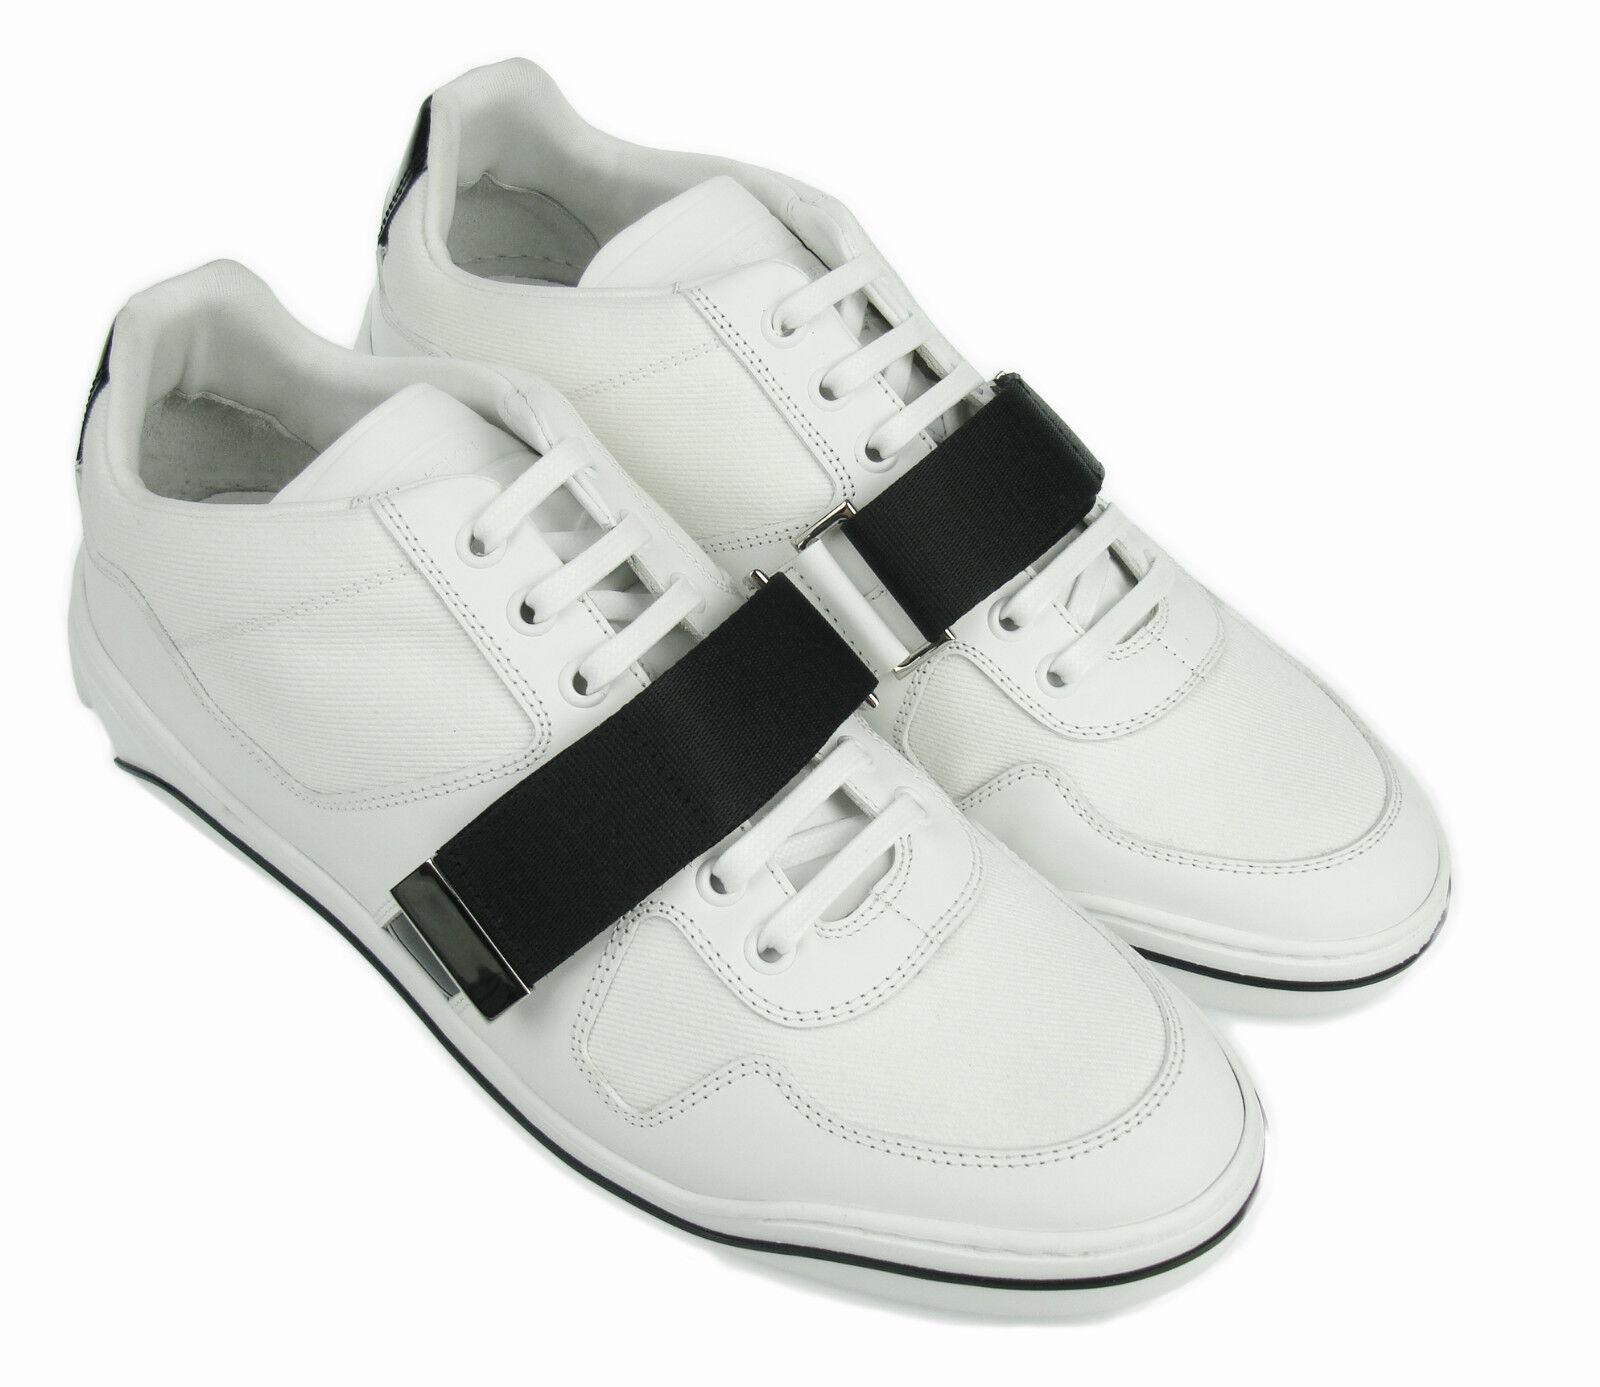 DIOR SCARPE UOMO 760 mans scarpe scarpe da ginnastica 男鞋  NEW 100%AUTENTICH MADE IN ITALY | Meraviglioso  | Gentiluomo/Signora Scarpa